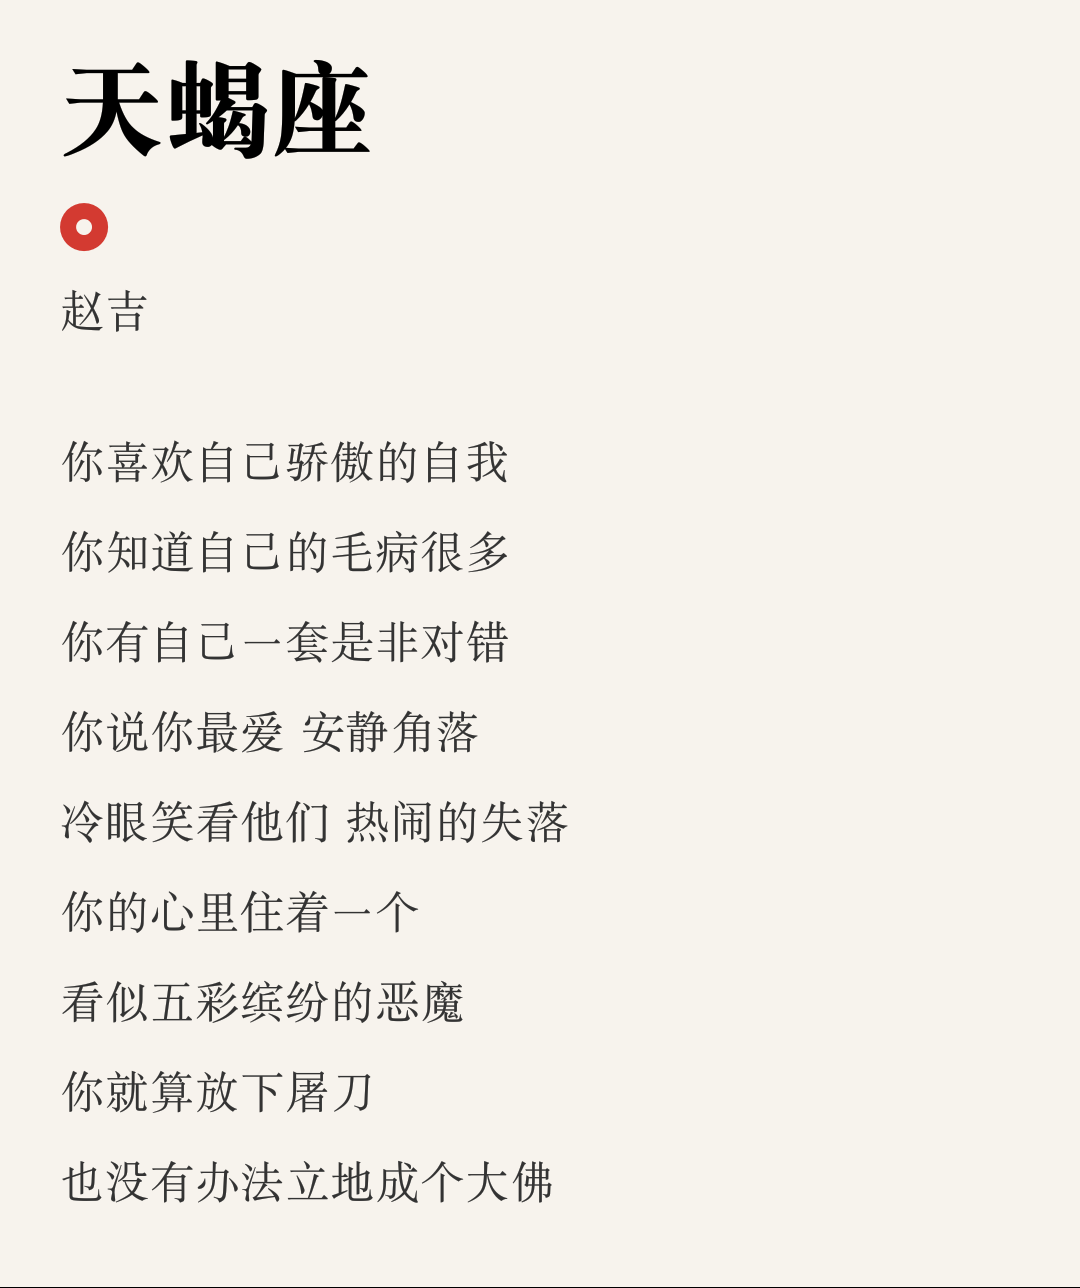 你懂双子座-杨晓蓉(MP3歌词/LRC歌词) lrc歌词下载 第1张